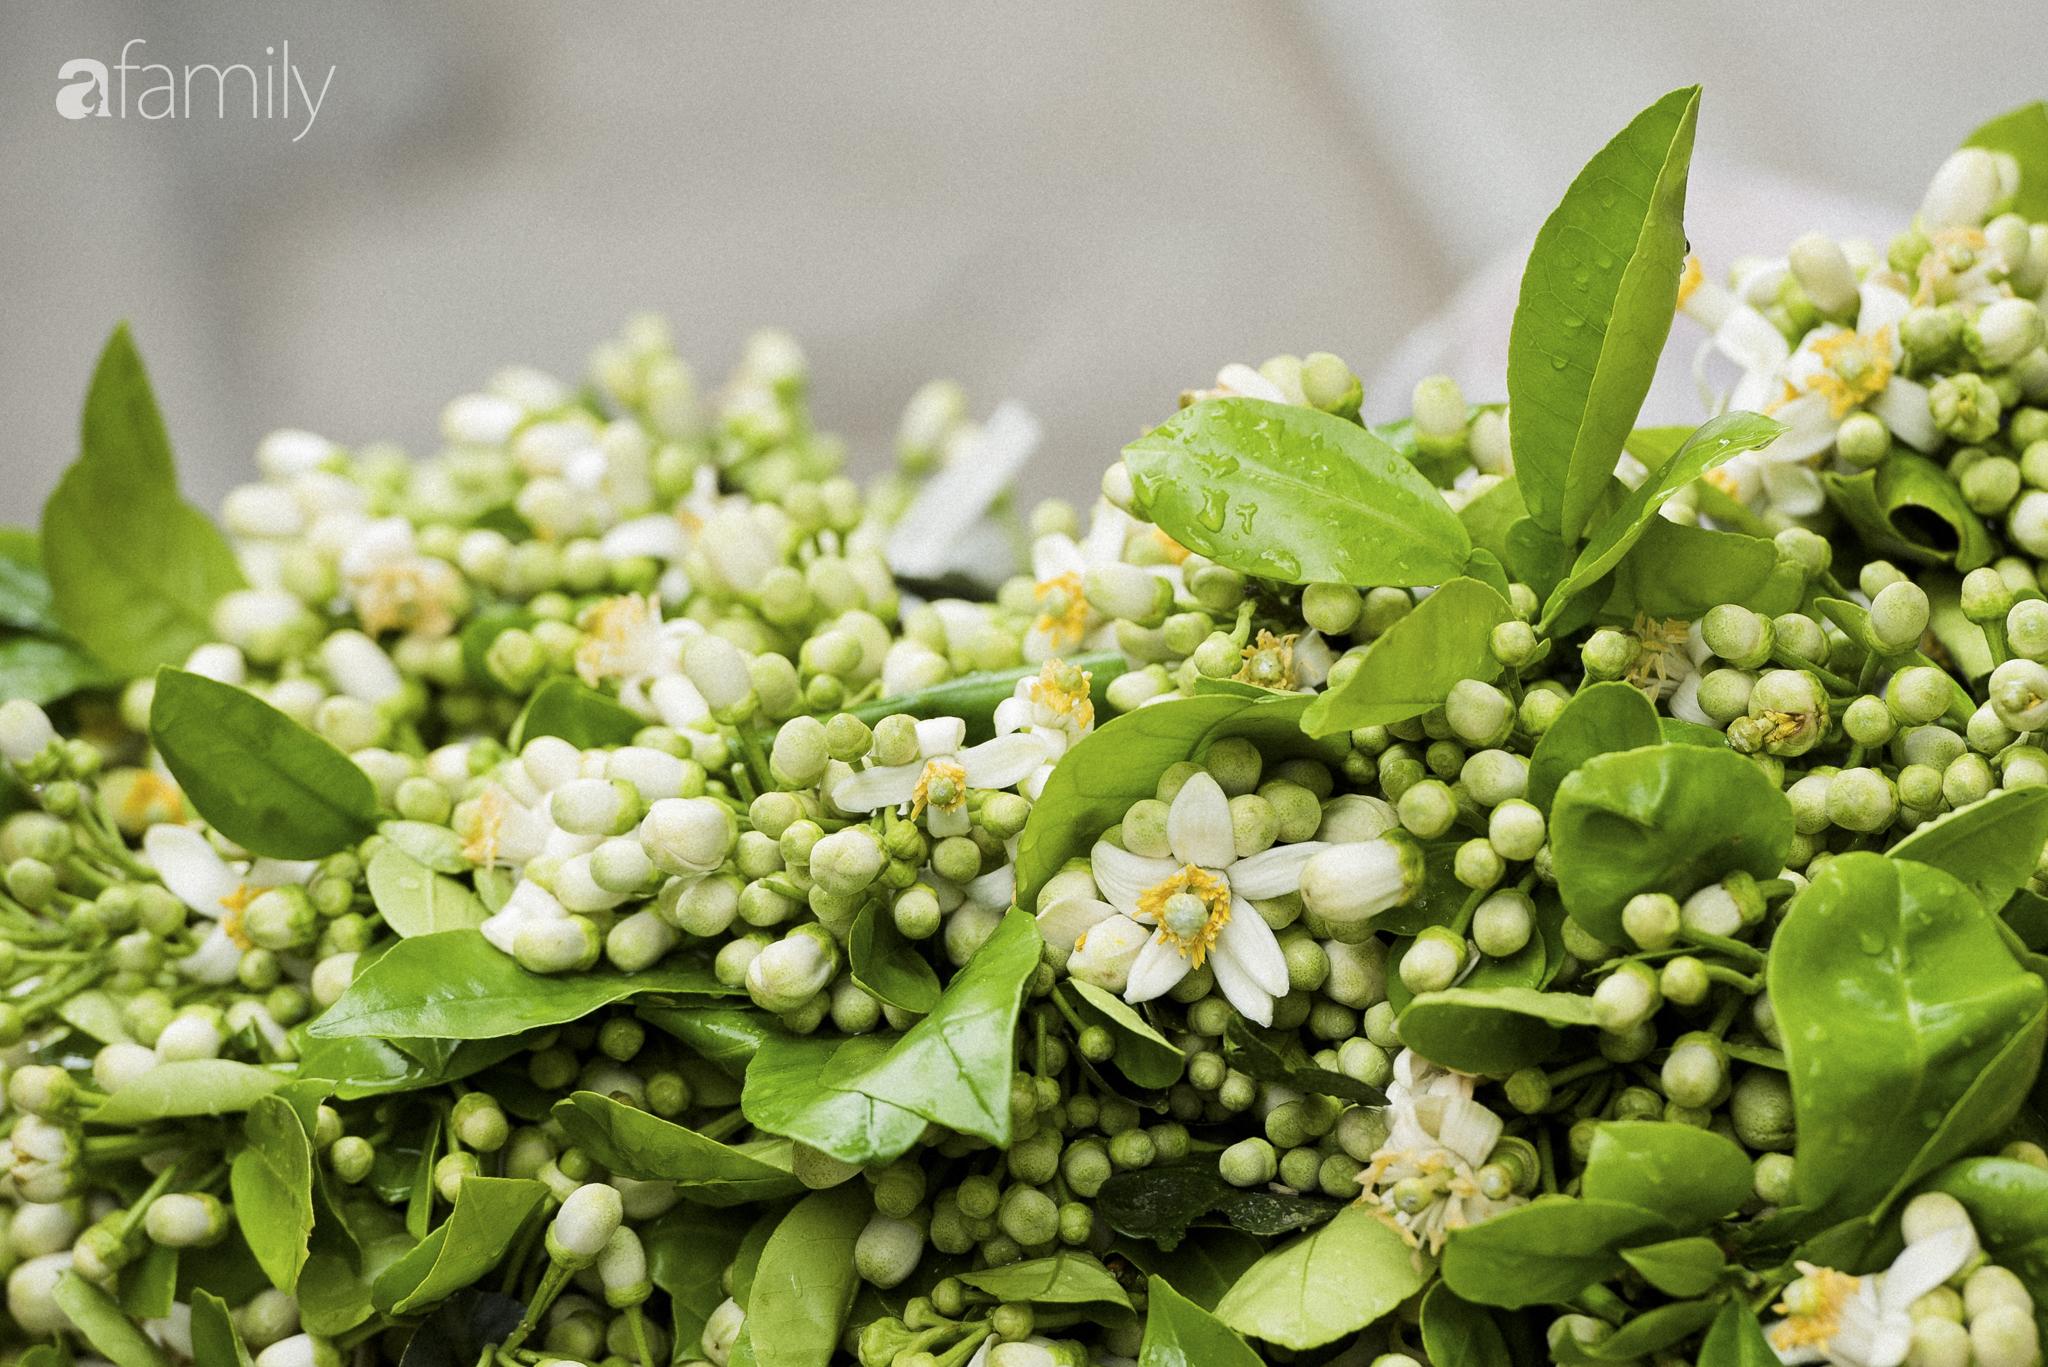 """Hoa bưởi - loài hoa quê kiểng """"ướp"""" thơm chốn kinh kỳ tháng Giêng hai - Ảnh 4."""